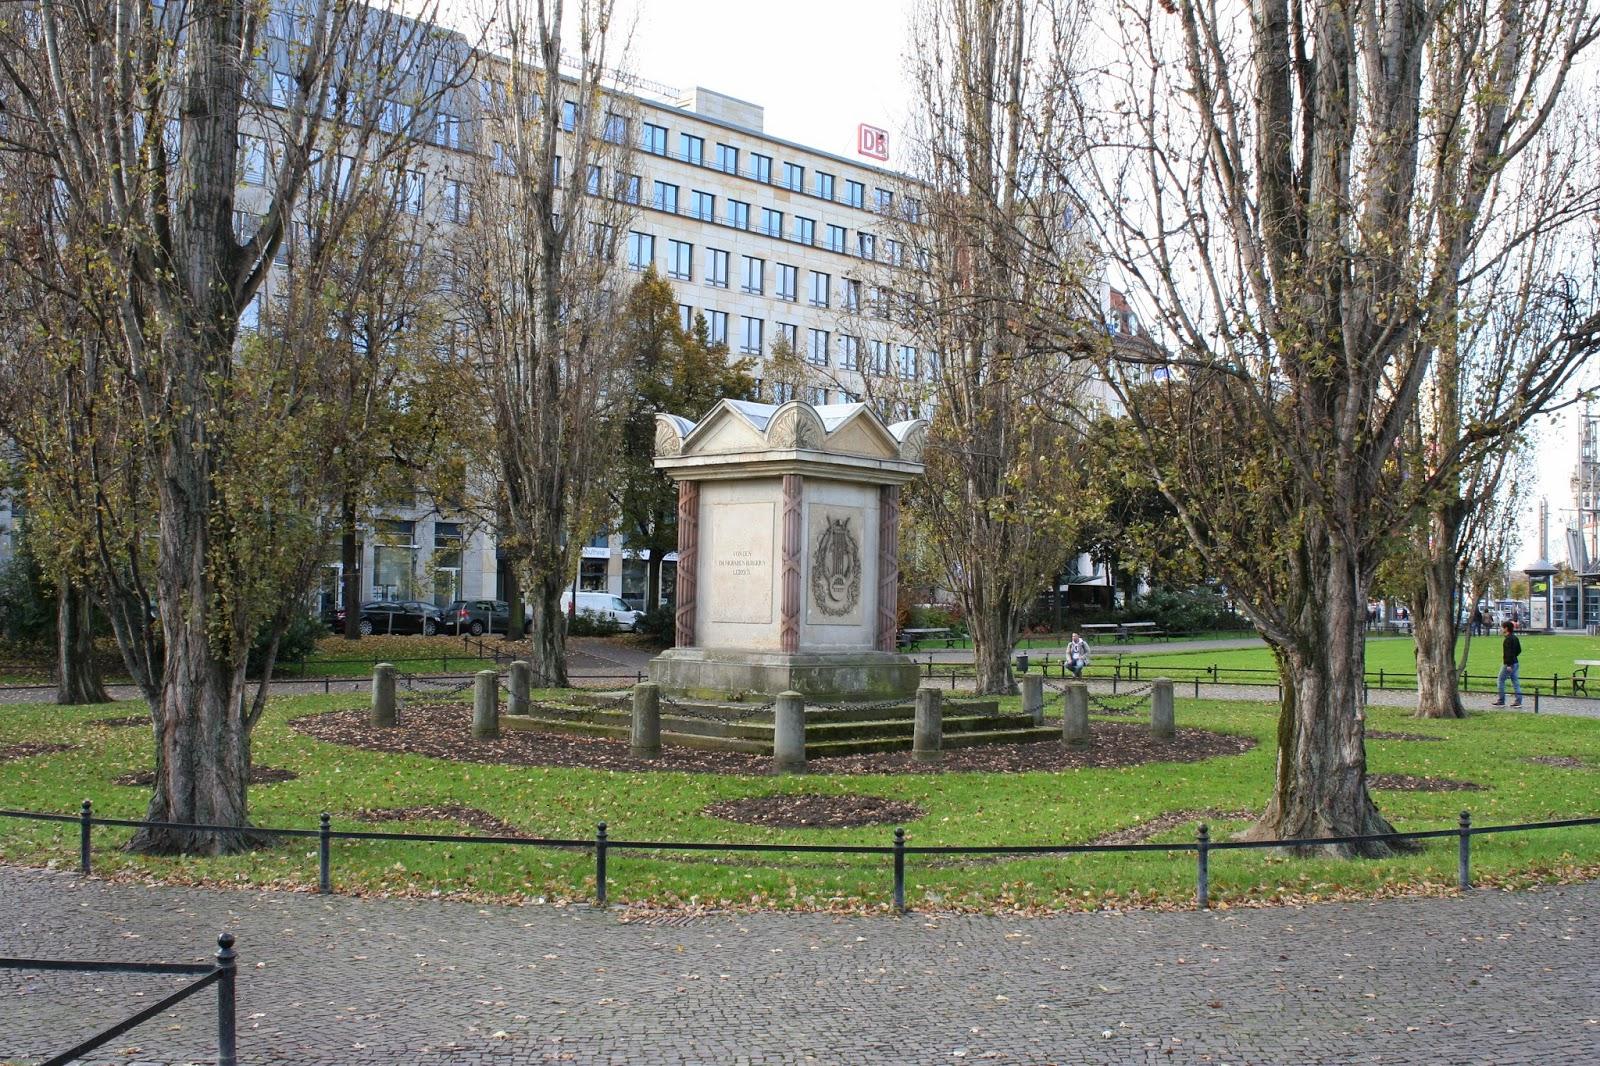 Carl Wilhelm Müller war ab 1781 mehrfach Bürgermeister von Leipzig, ließ den Augustusplatz, den Schwanenteich und andere Dinge bauen